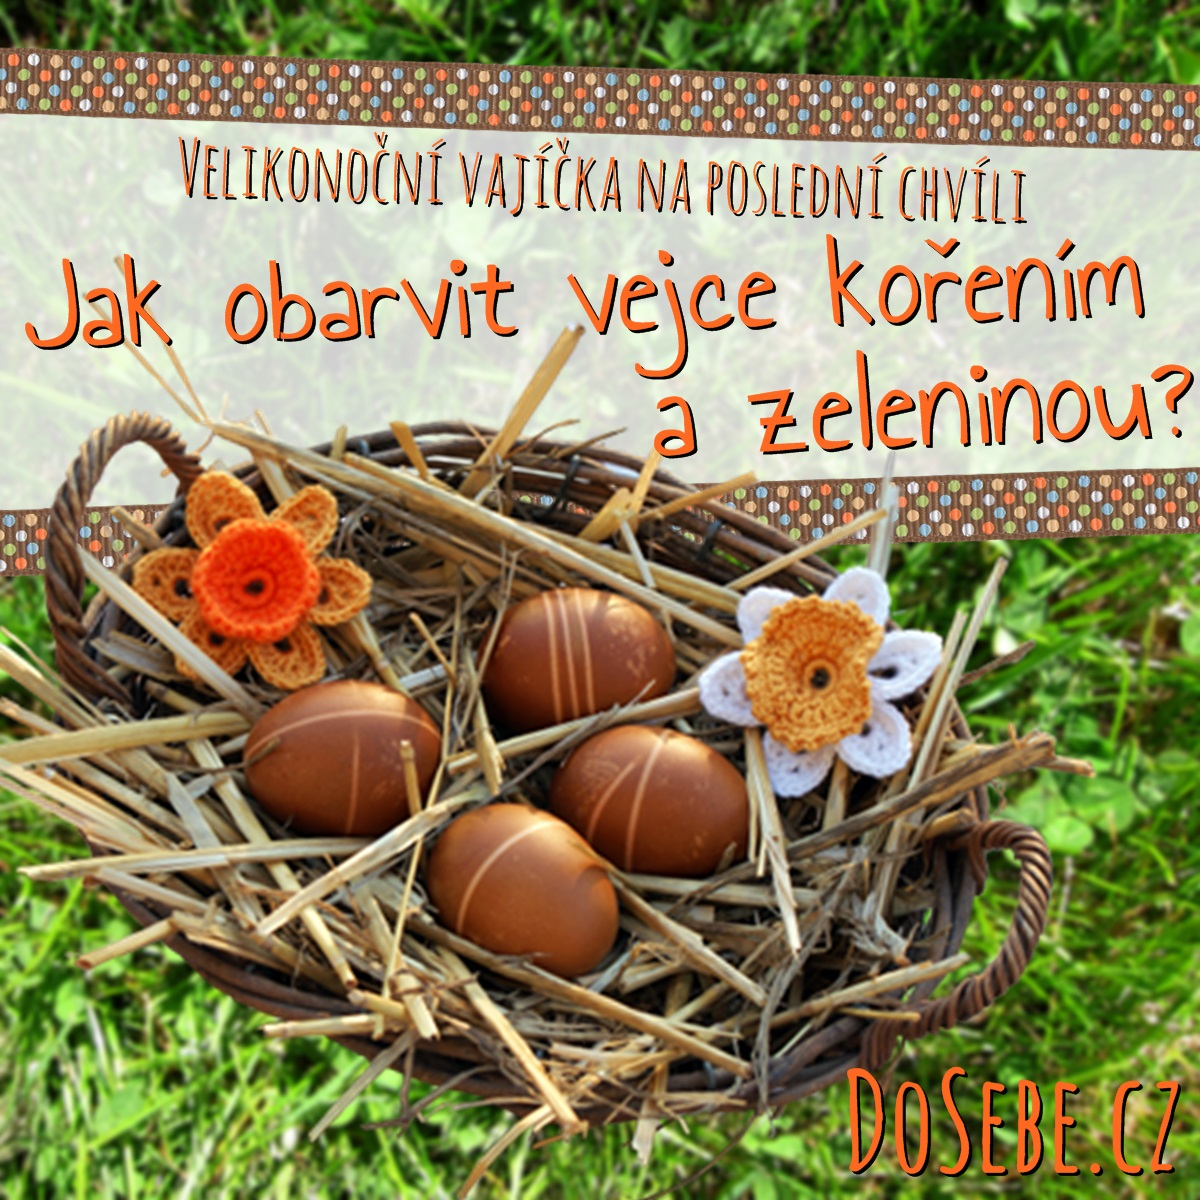 Velikonoční vajíčka na poslední chvíli: Jak obarvit vejce kořením a zeleninou?